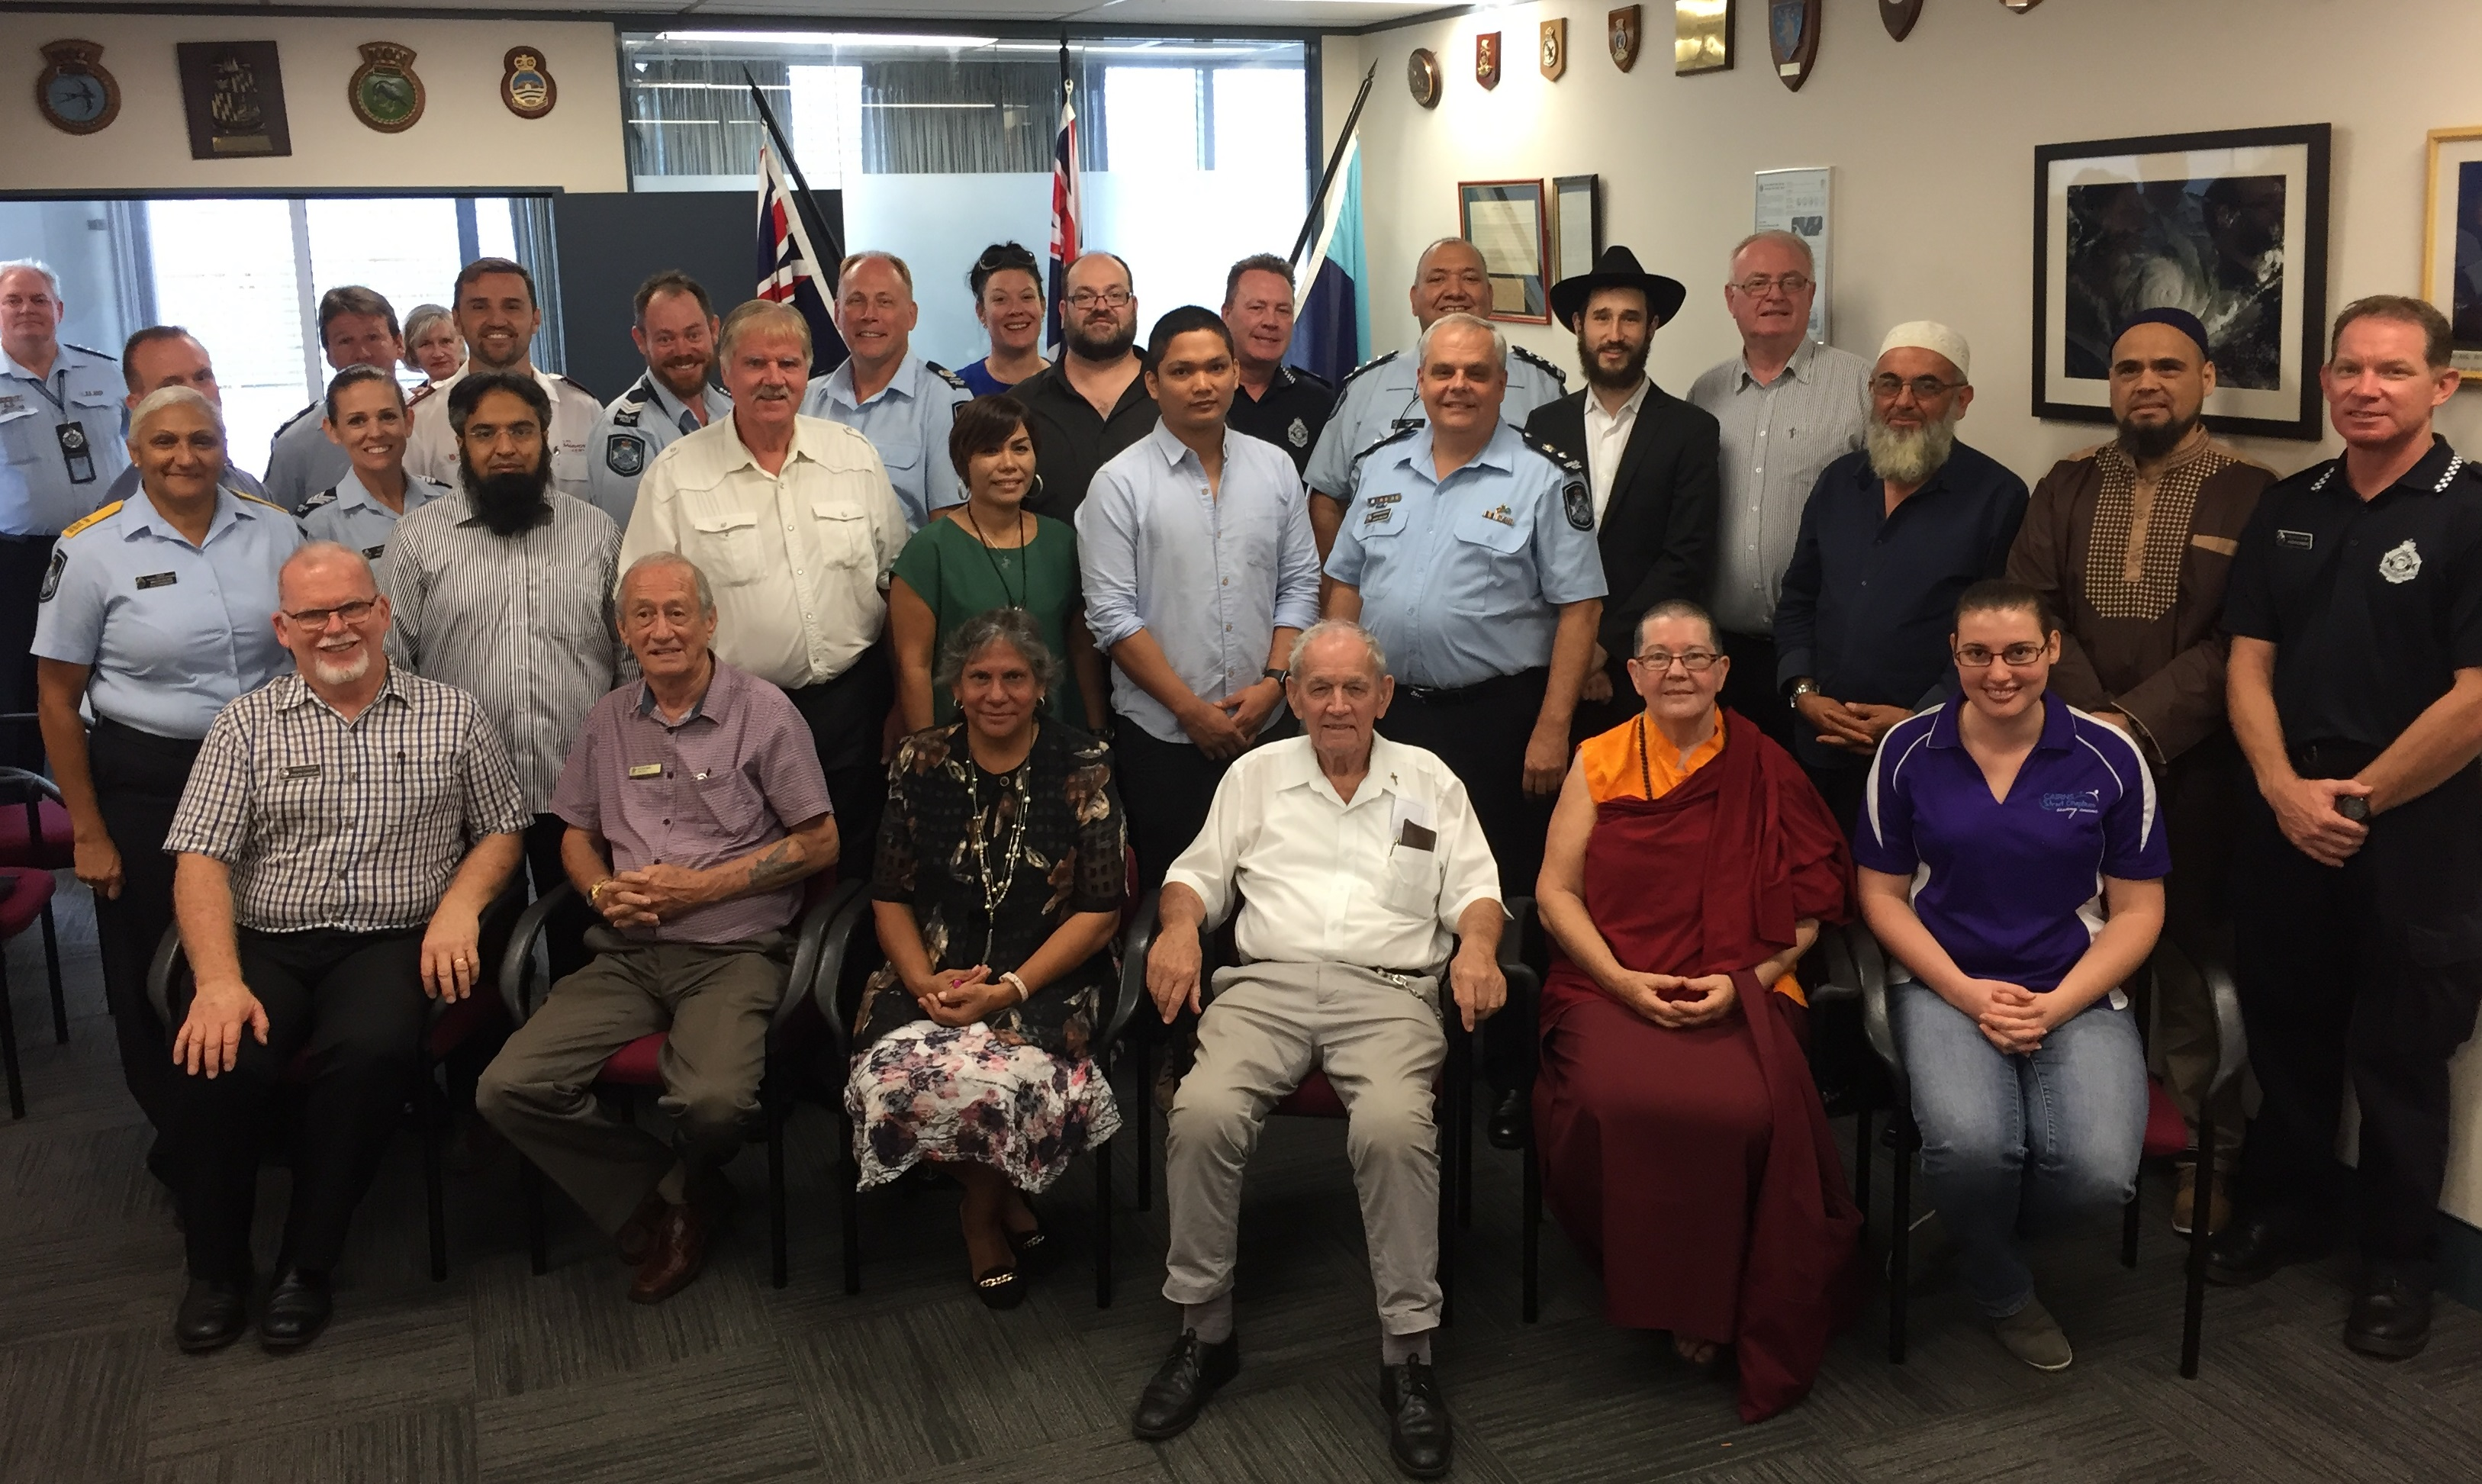 Interfaith Group Cairns Australia 2018.jpg